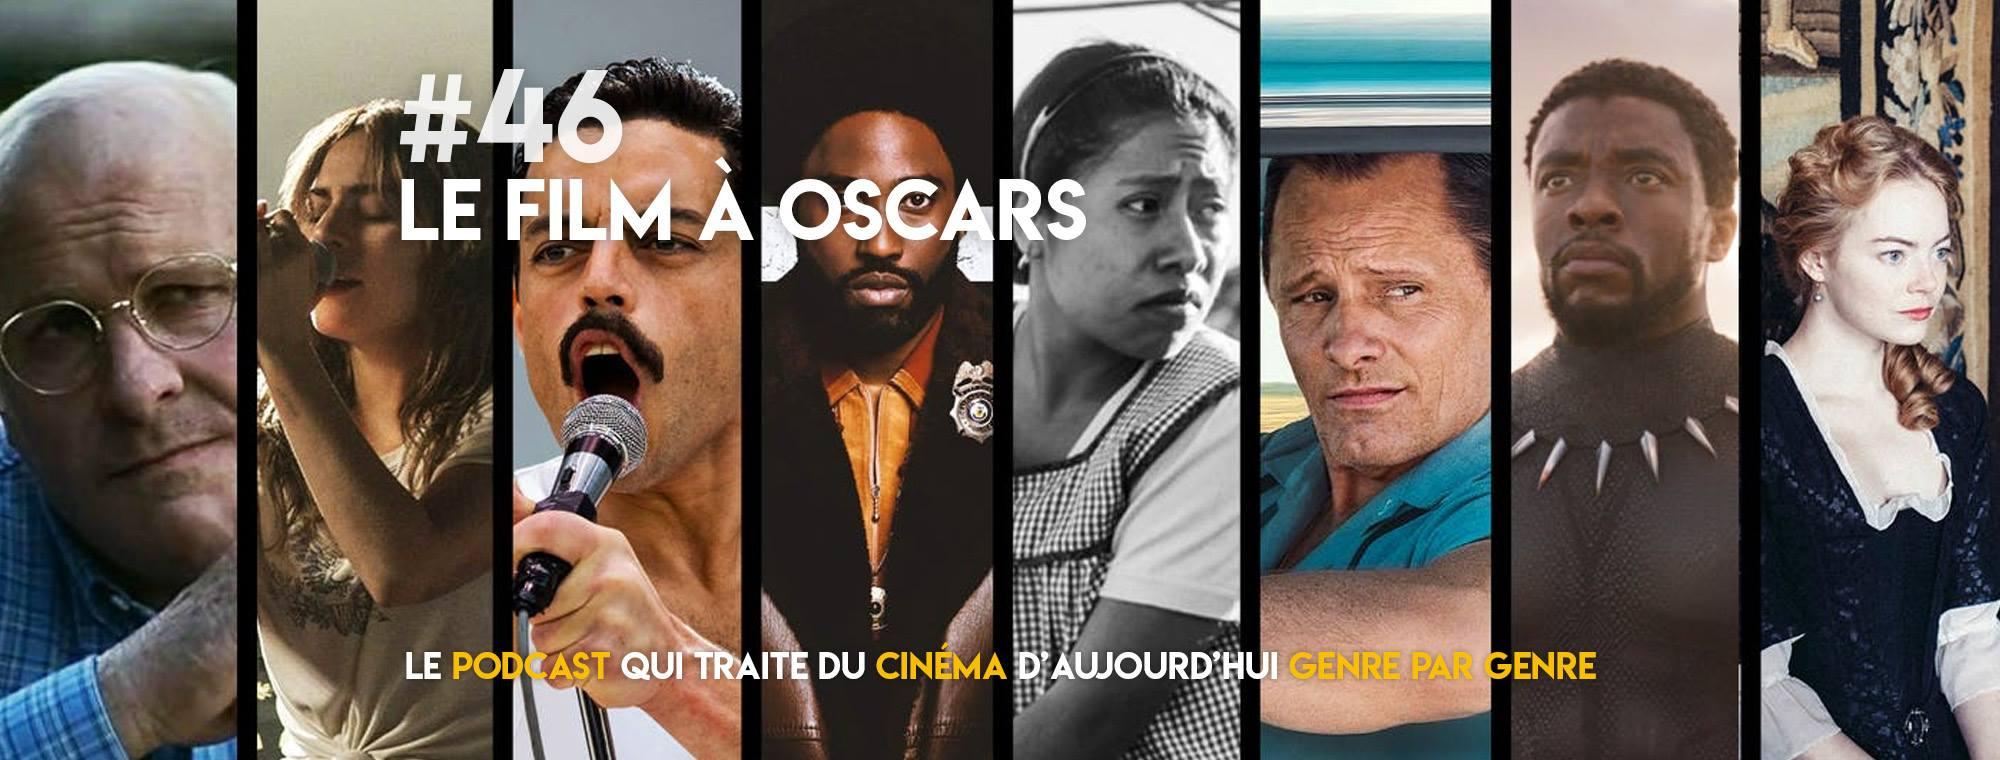 Parlons Péloches - #46 Le film à Oscars